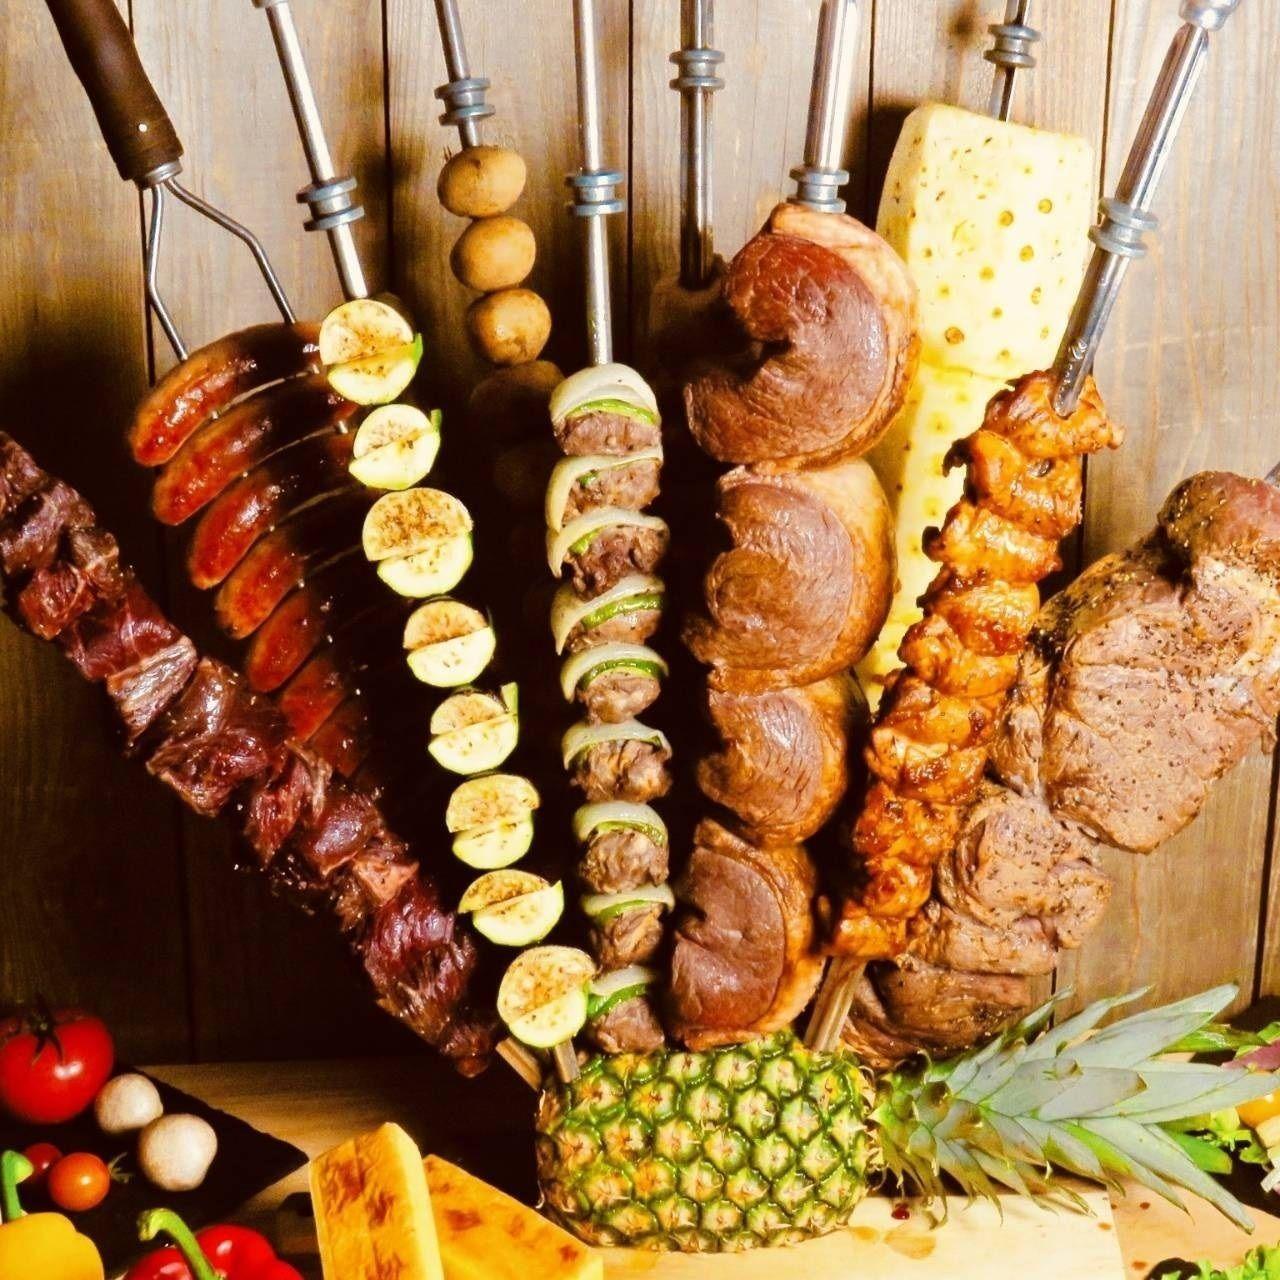 福岡市内で楽しめるシュラスコ4選!ヘルシーにお肉を食べたい人必見の画像